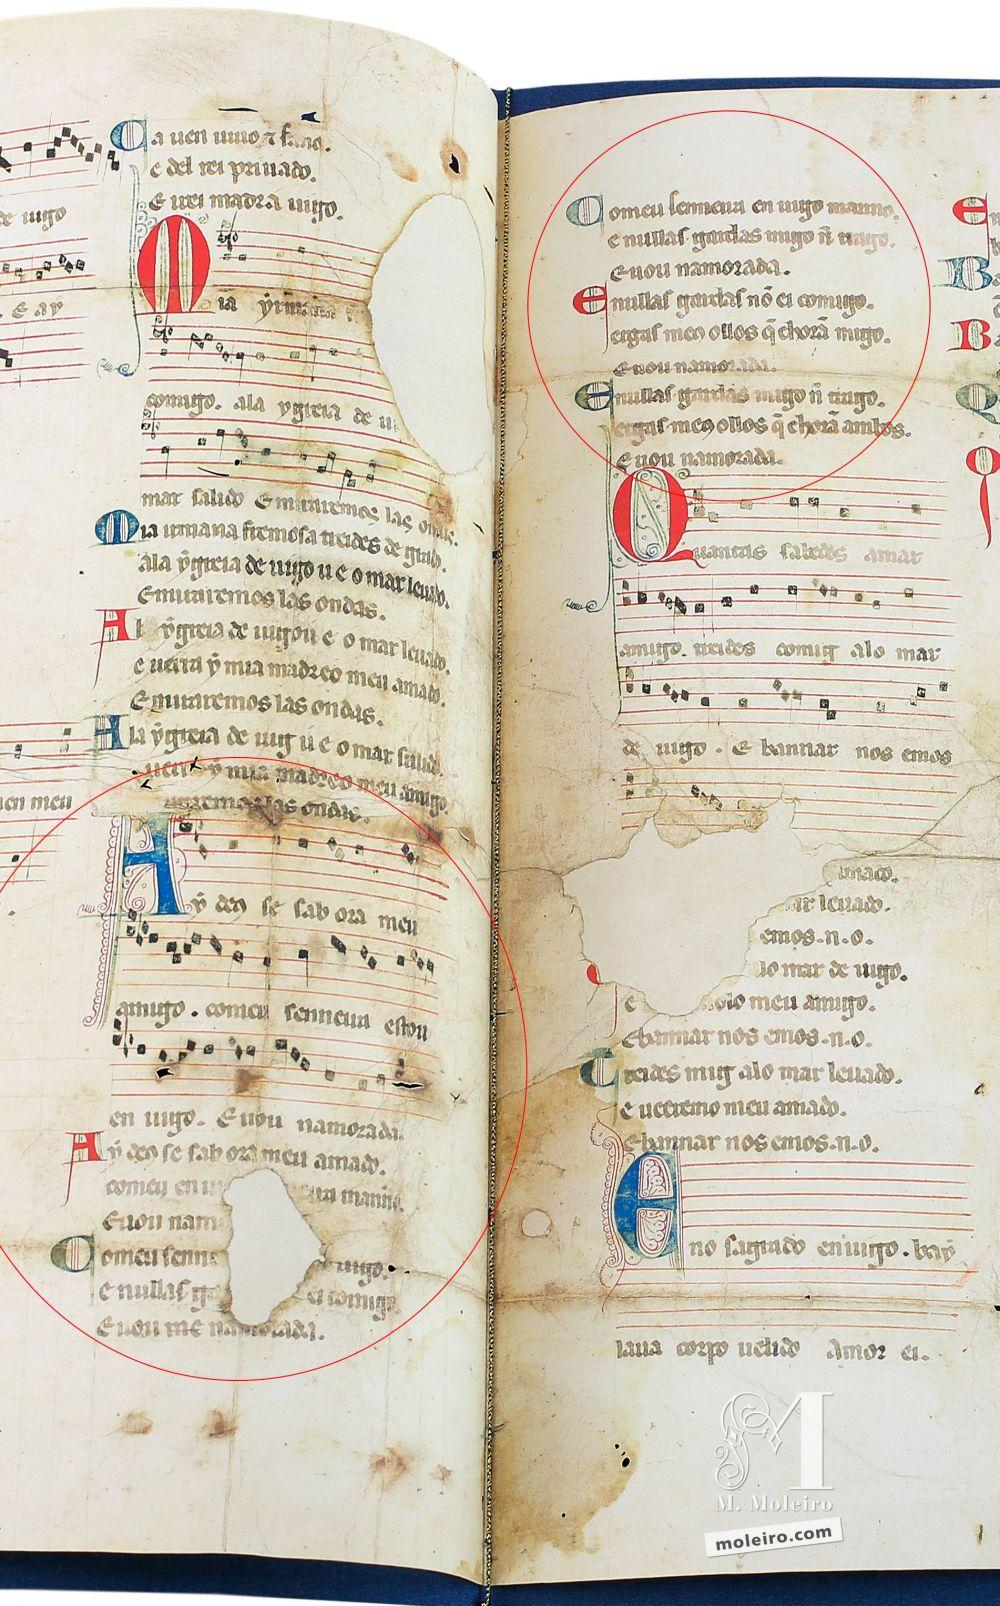 Cantiga 4 della Pergamena Vindel di Martin Codax - The Morgan Library & Museum, New York